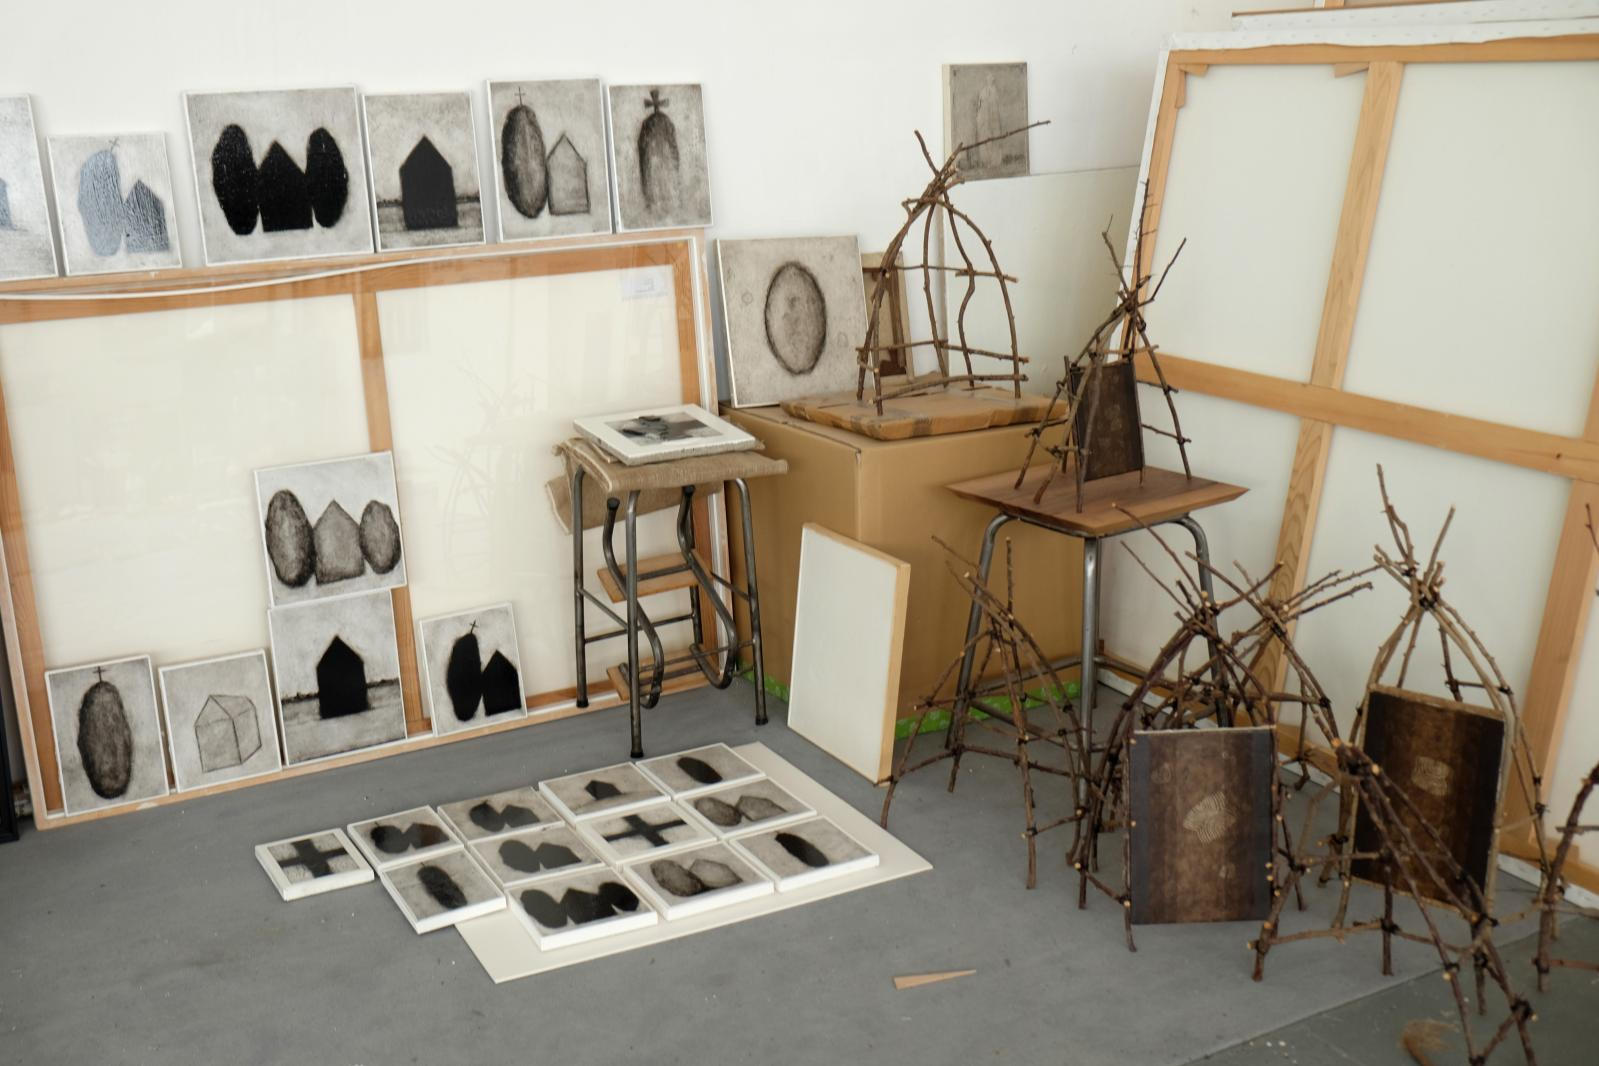 L'atelier de Loïc LeGroumellec, à Pantin.©Loïc Le Groumellec